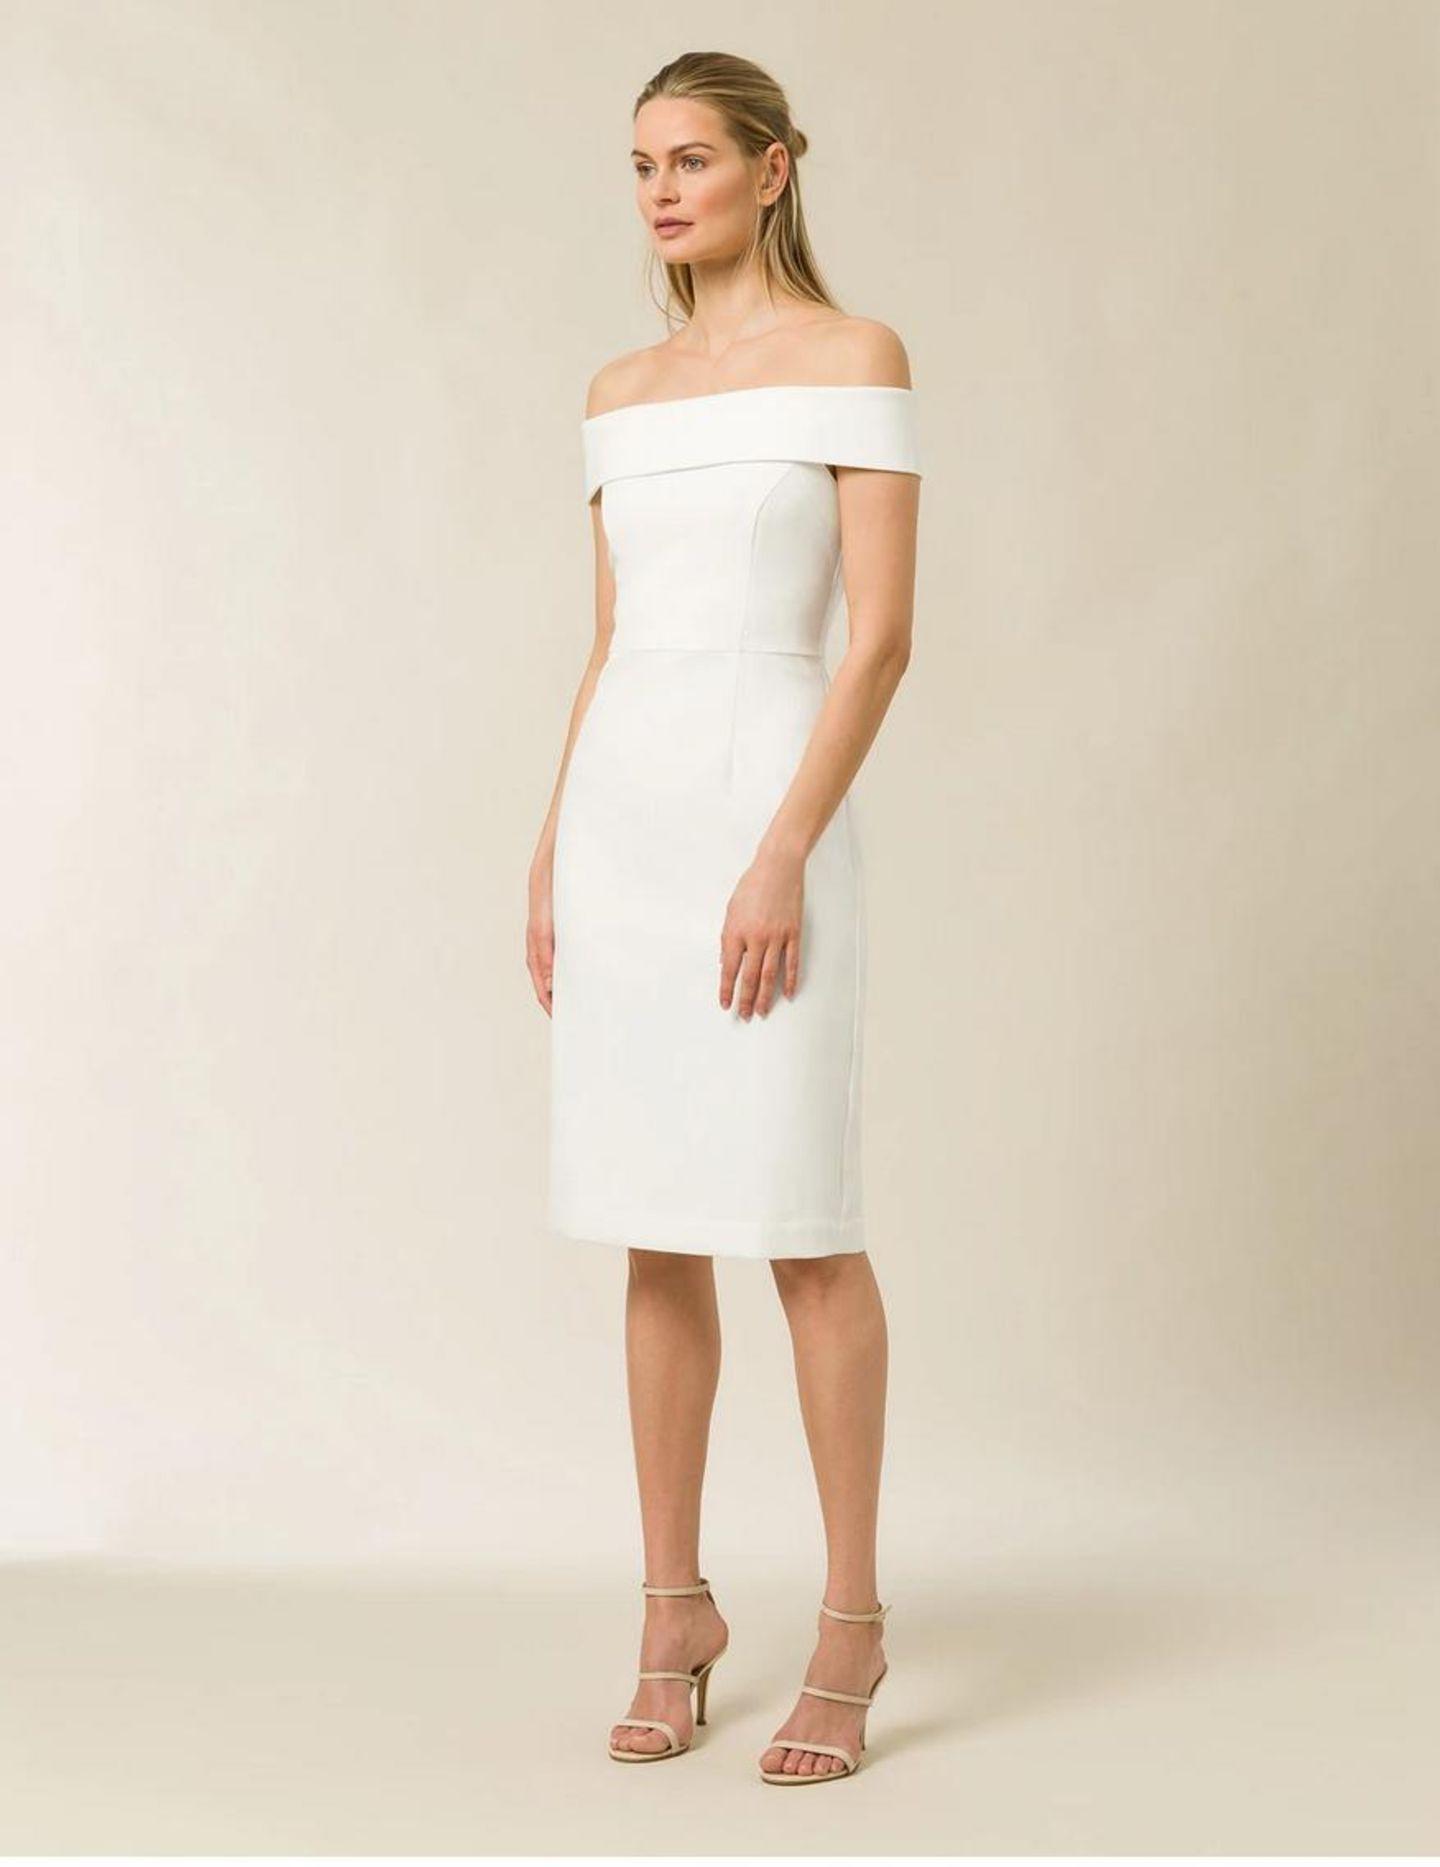 Ein Model präsentiert ein Hochzeitskleid.